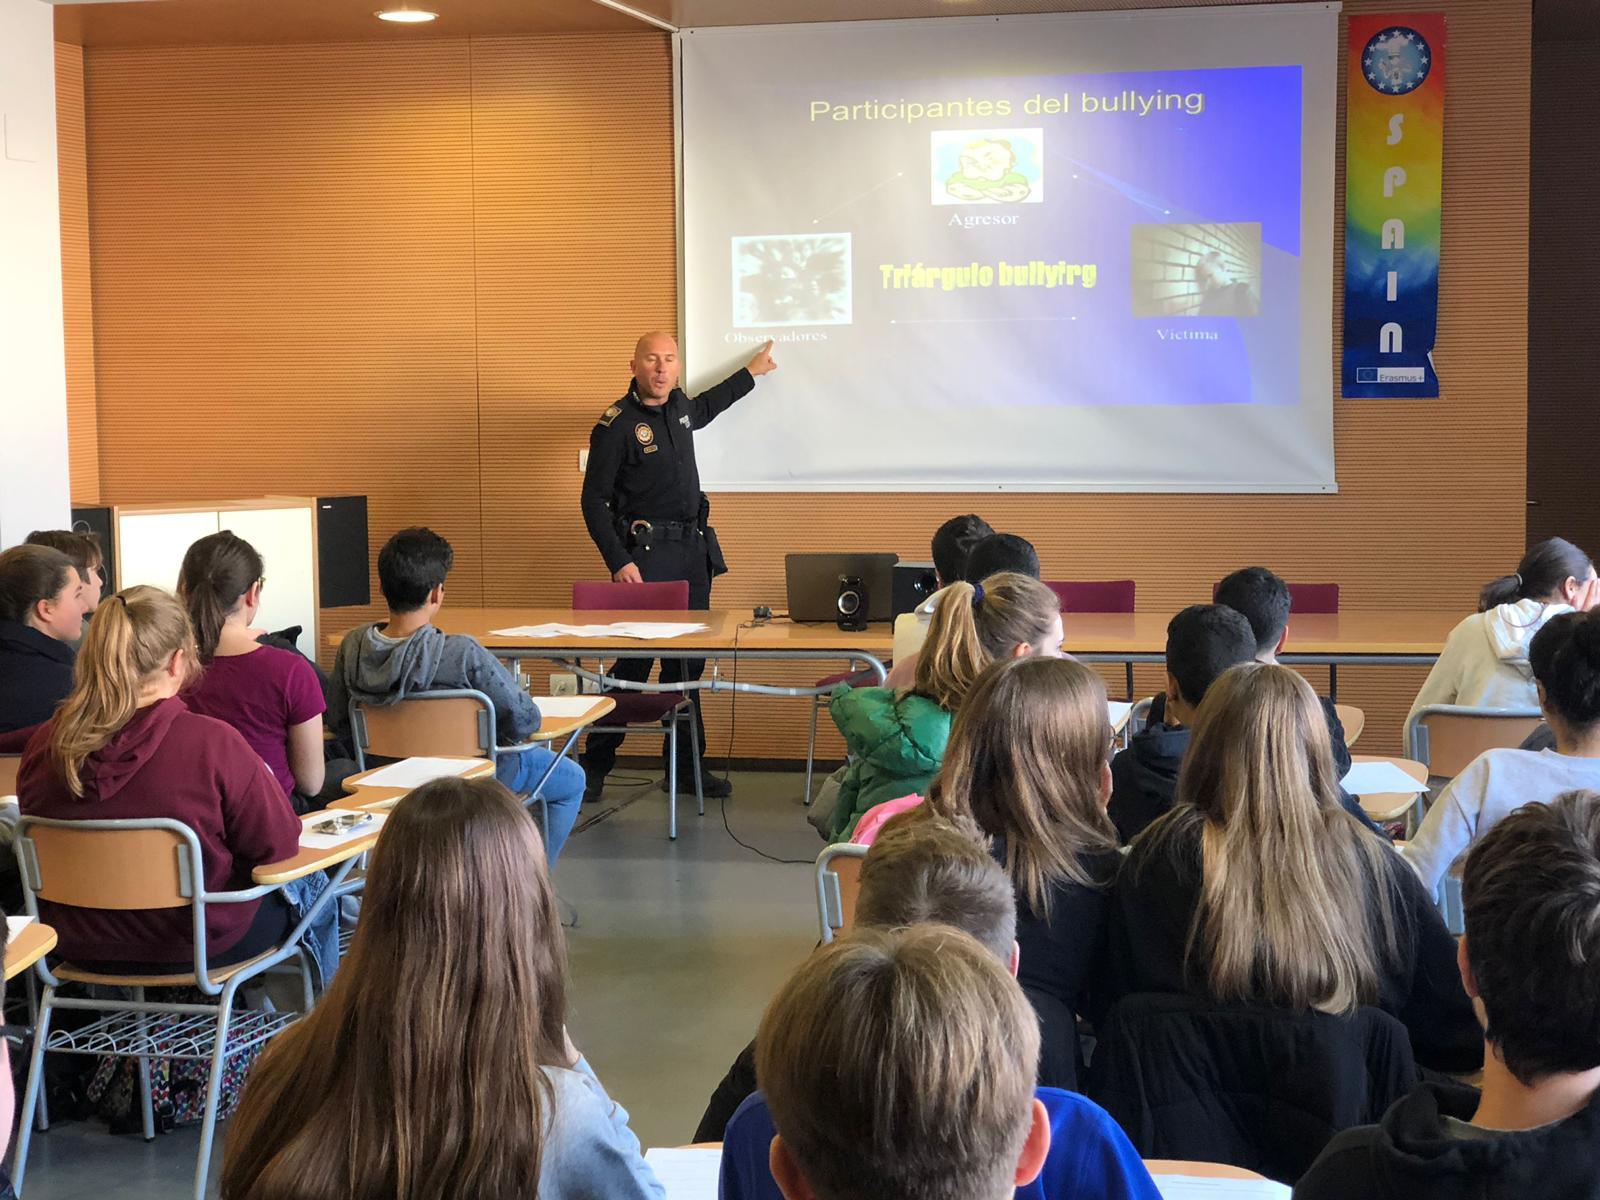 Alcalà, la Policia Local ofereix el segon cicle de xerrades per lluitar contra l'assetjament escolar